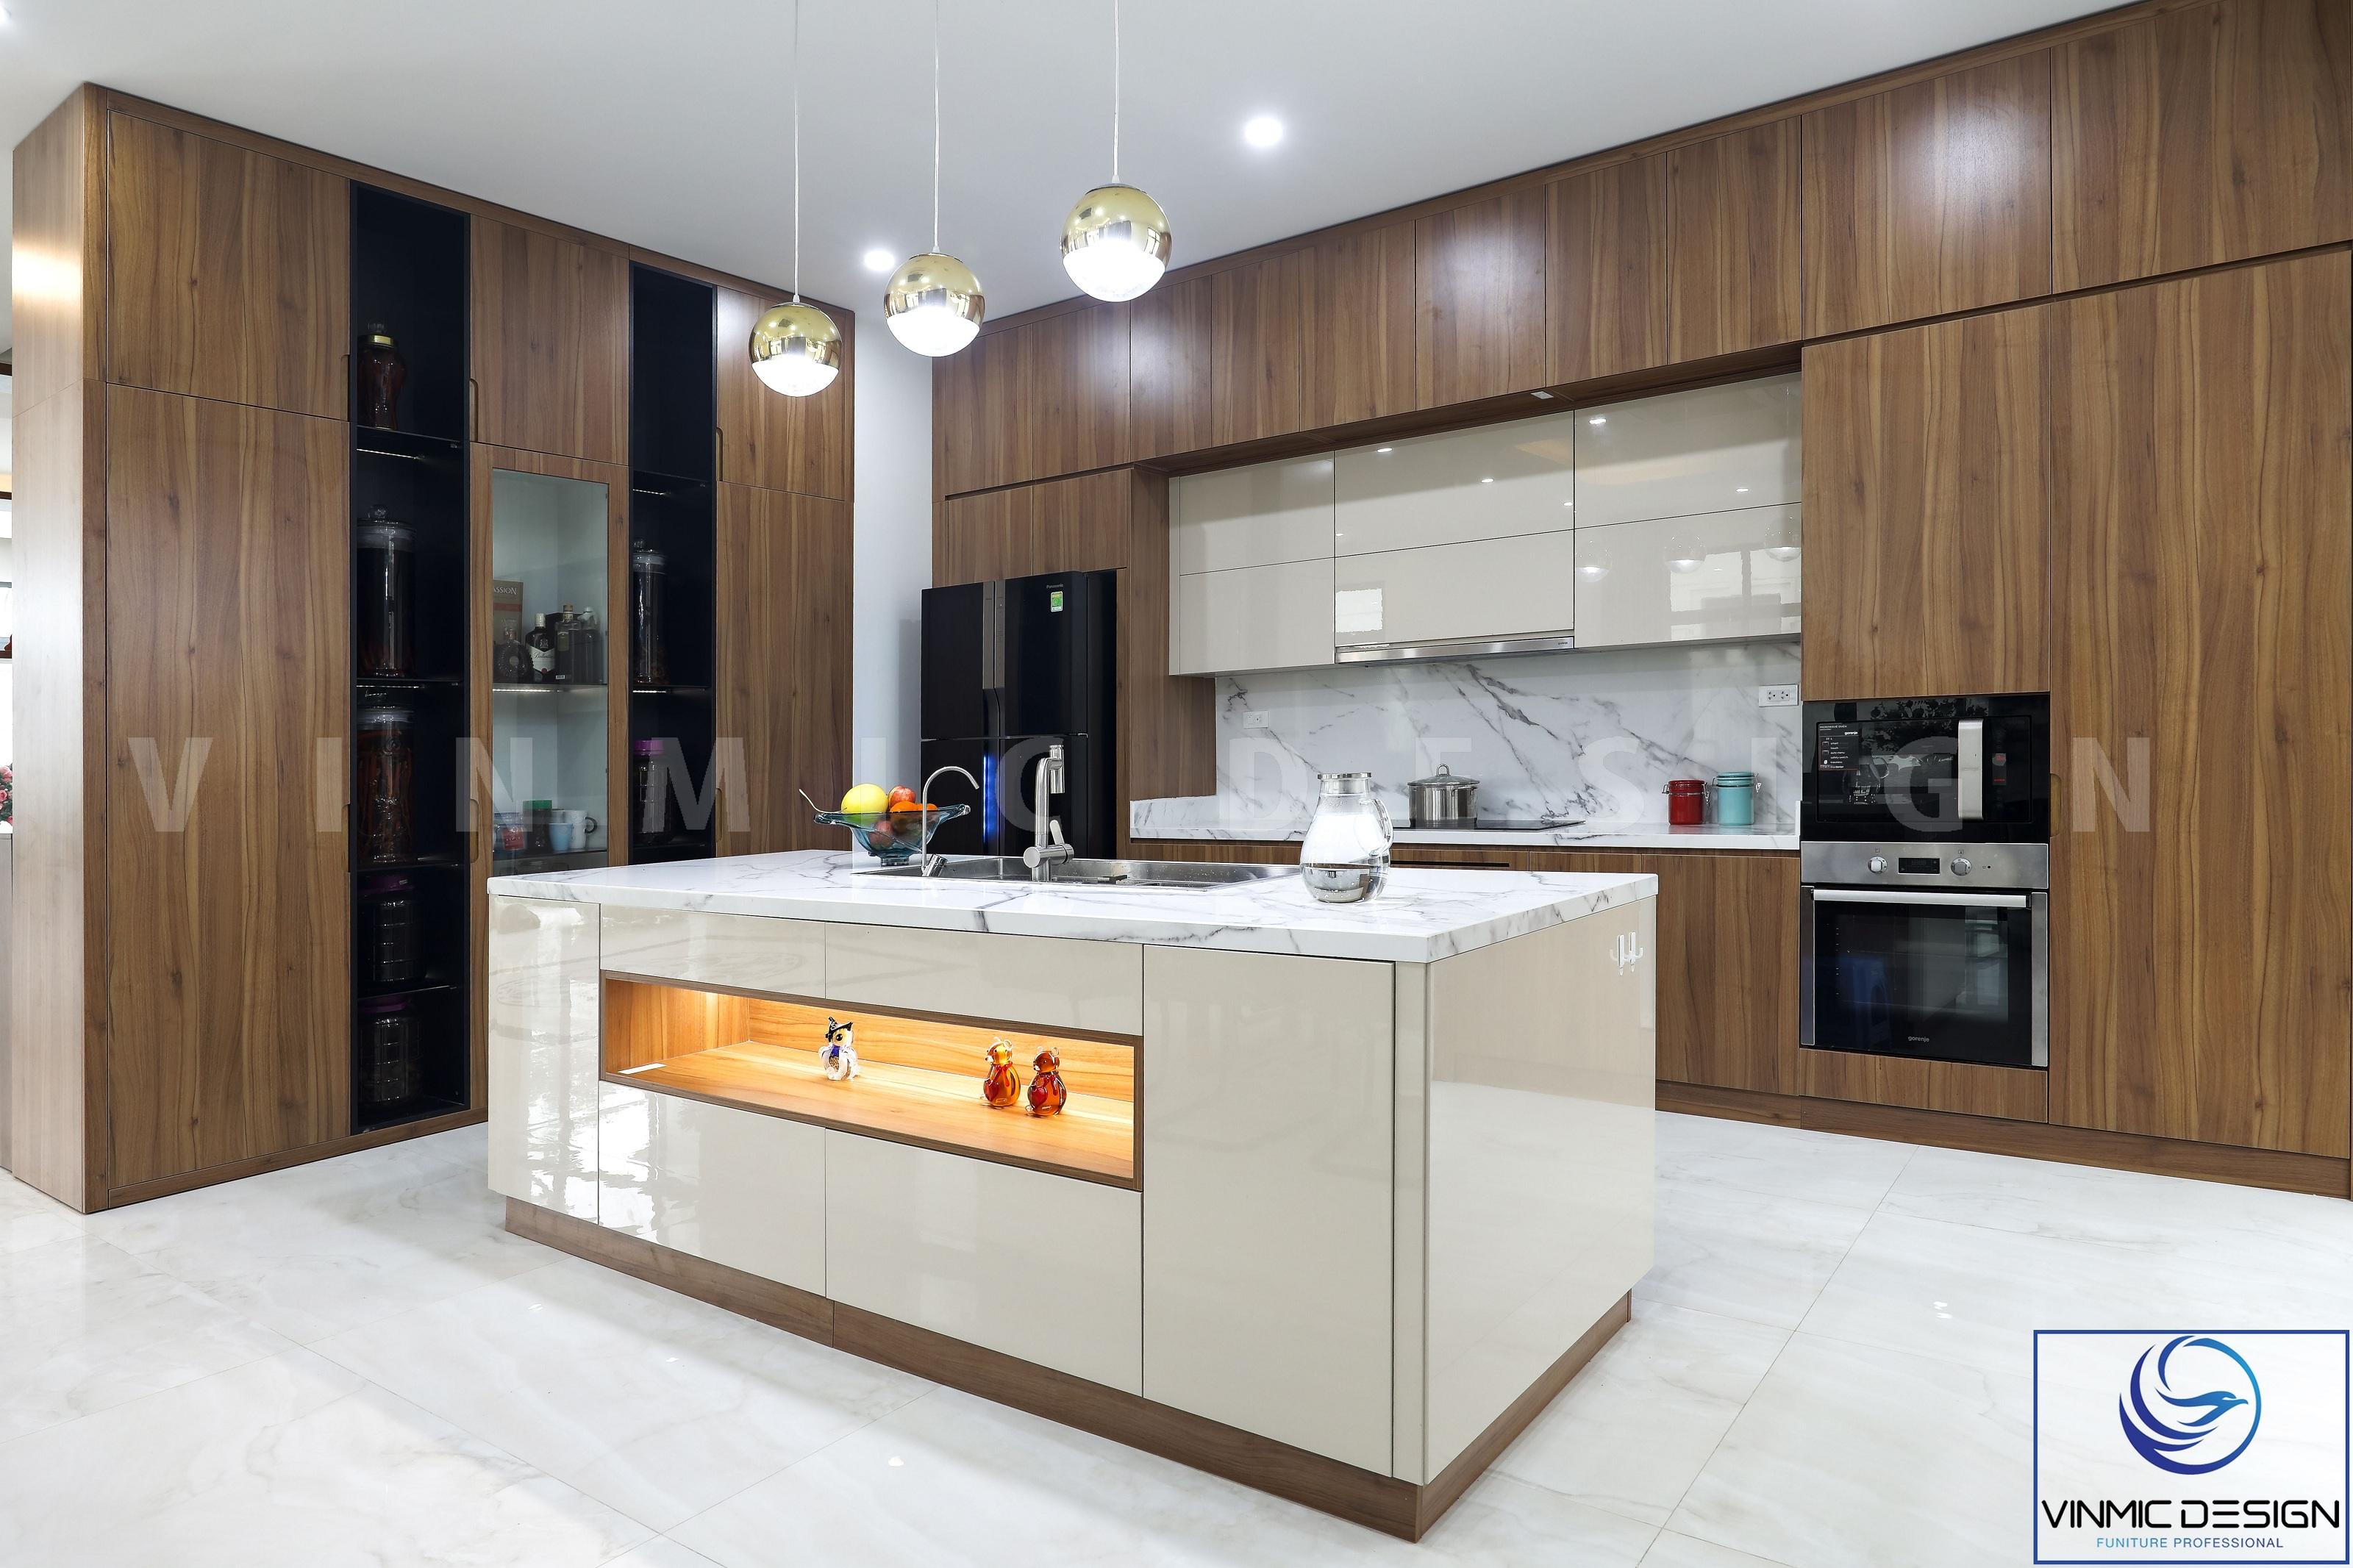 Không gian phòng bếp rộng rãi và sạch sẽ